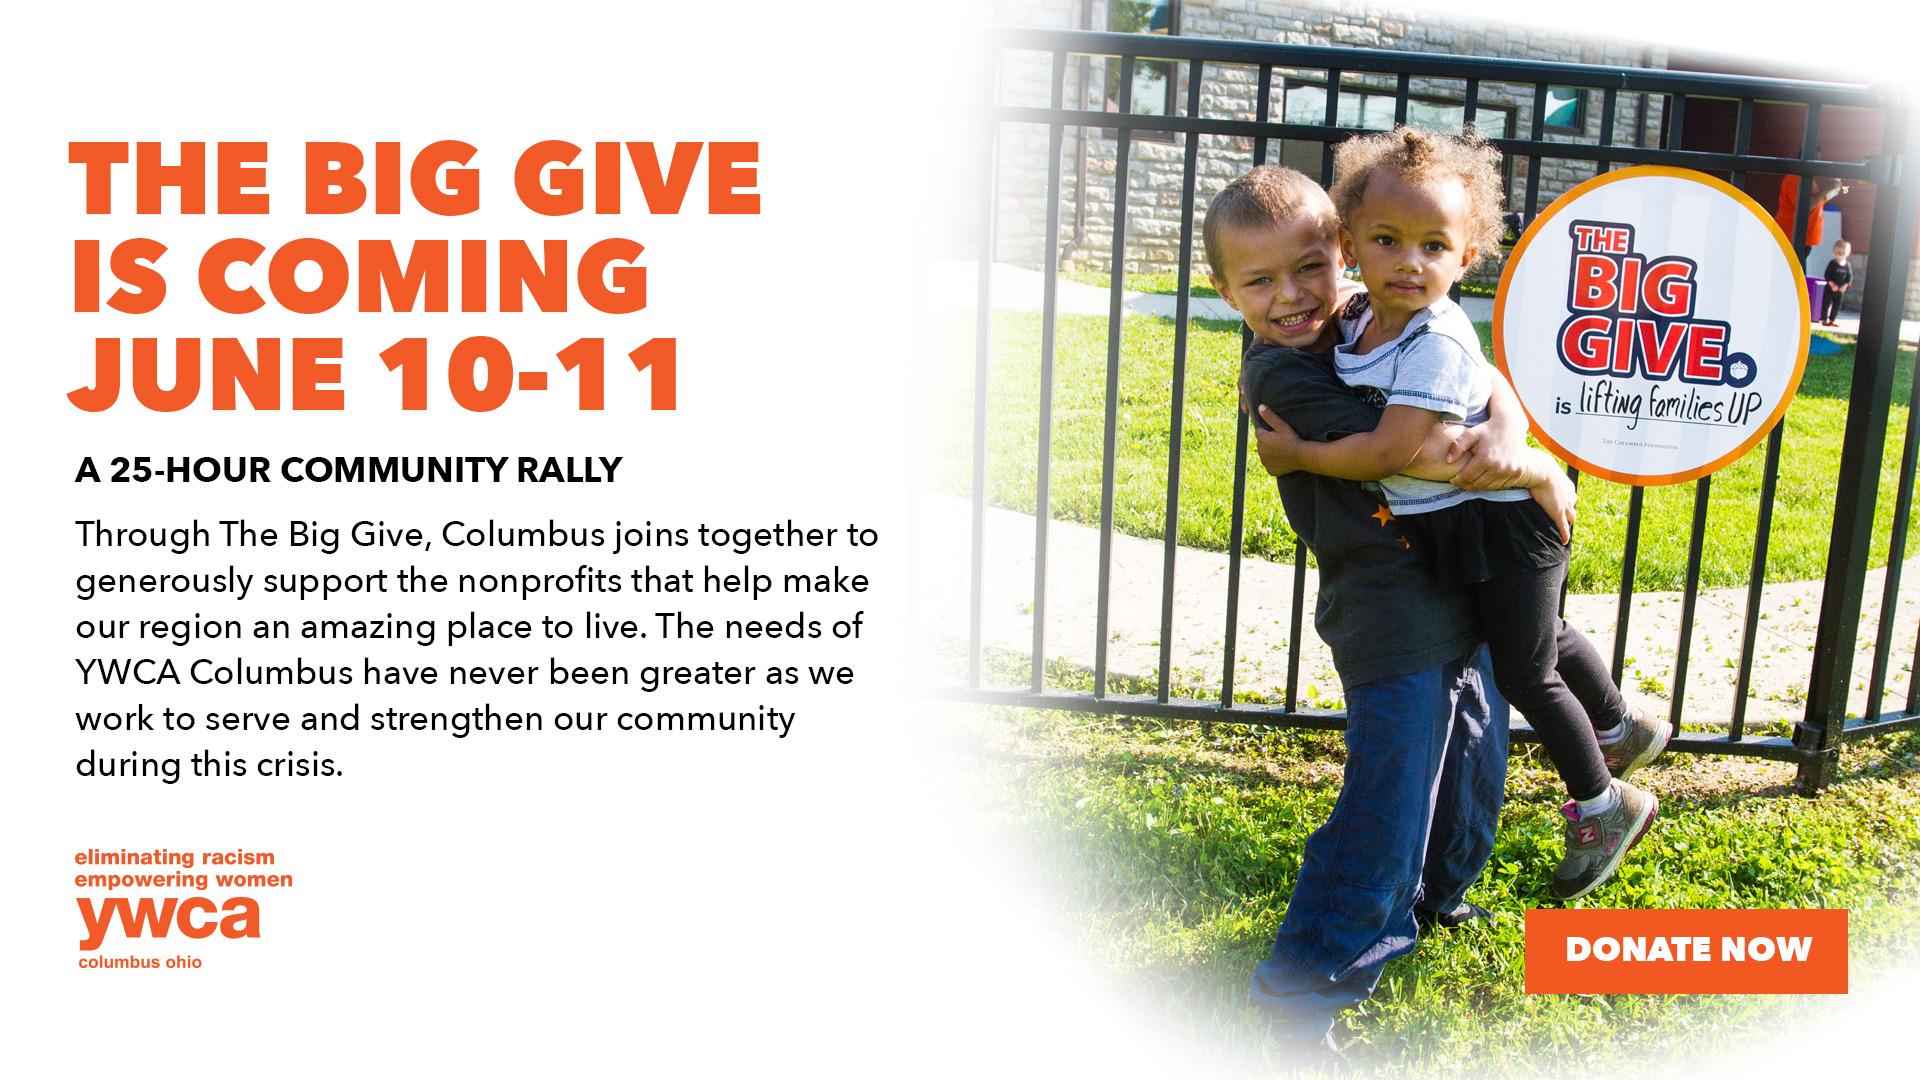 Big Give 2020 Ywca Columbus